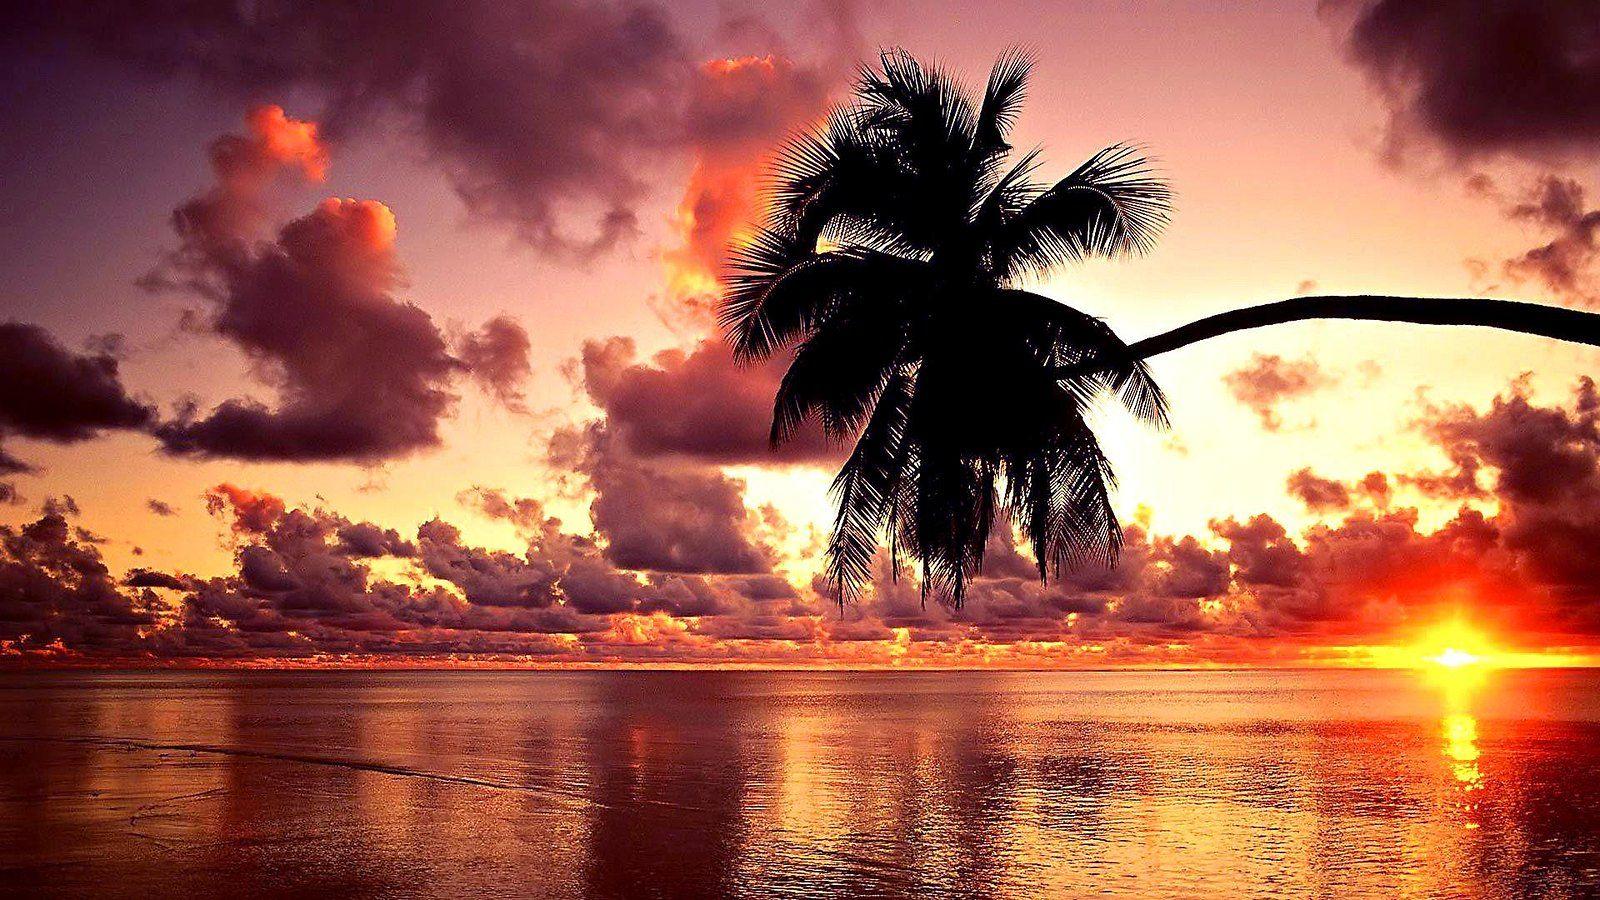 Beautiful Sunset Wallpaper Photography Wallpaper Sunset Landscape Love beach sunset sunset wallpaper hd